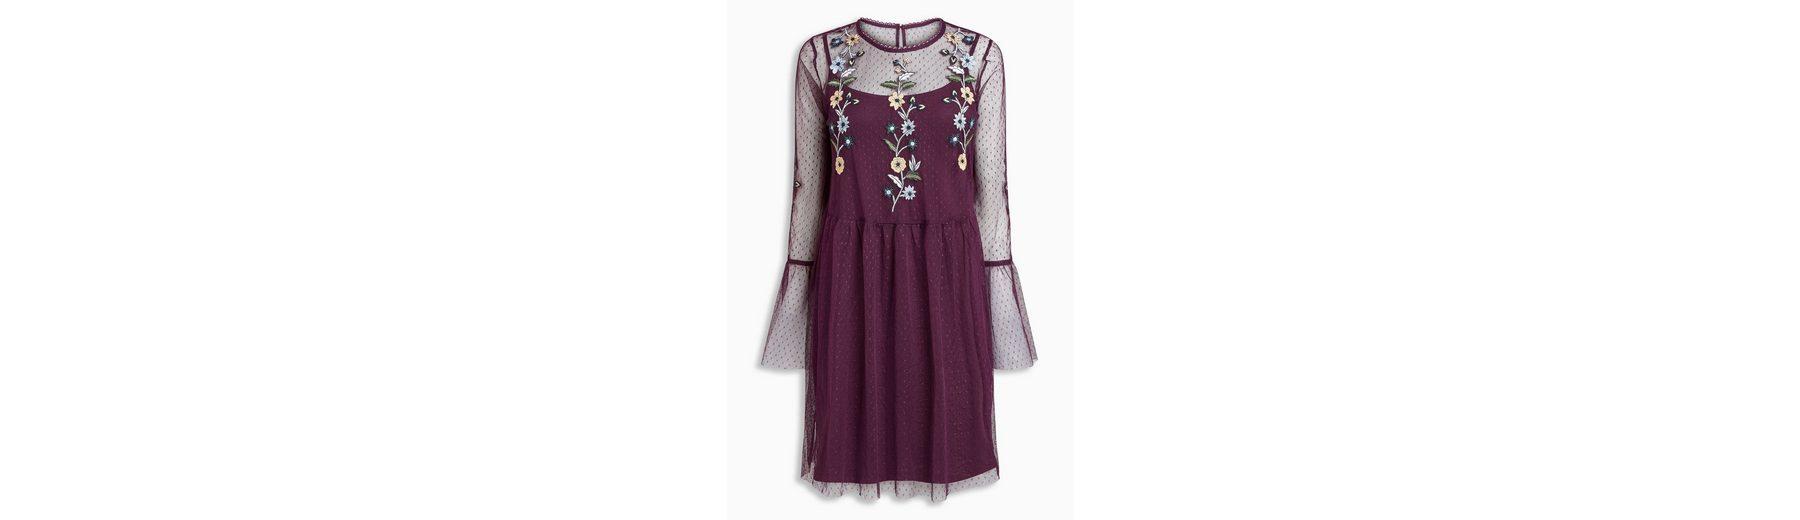 Next Besticktes Kleid aus Netzstoff 2 teilig Steckdose Billig cQK25OLE